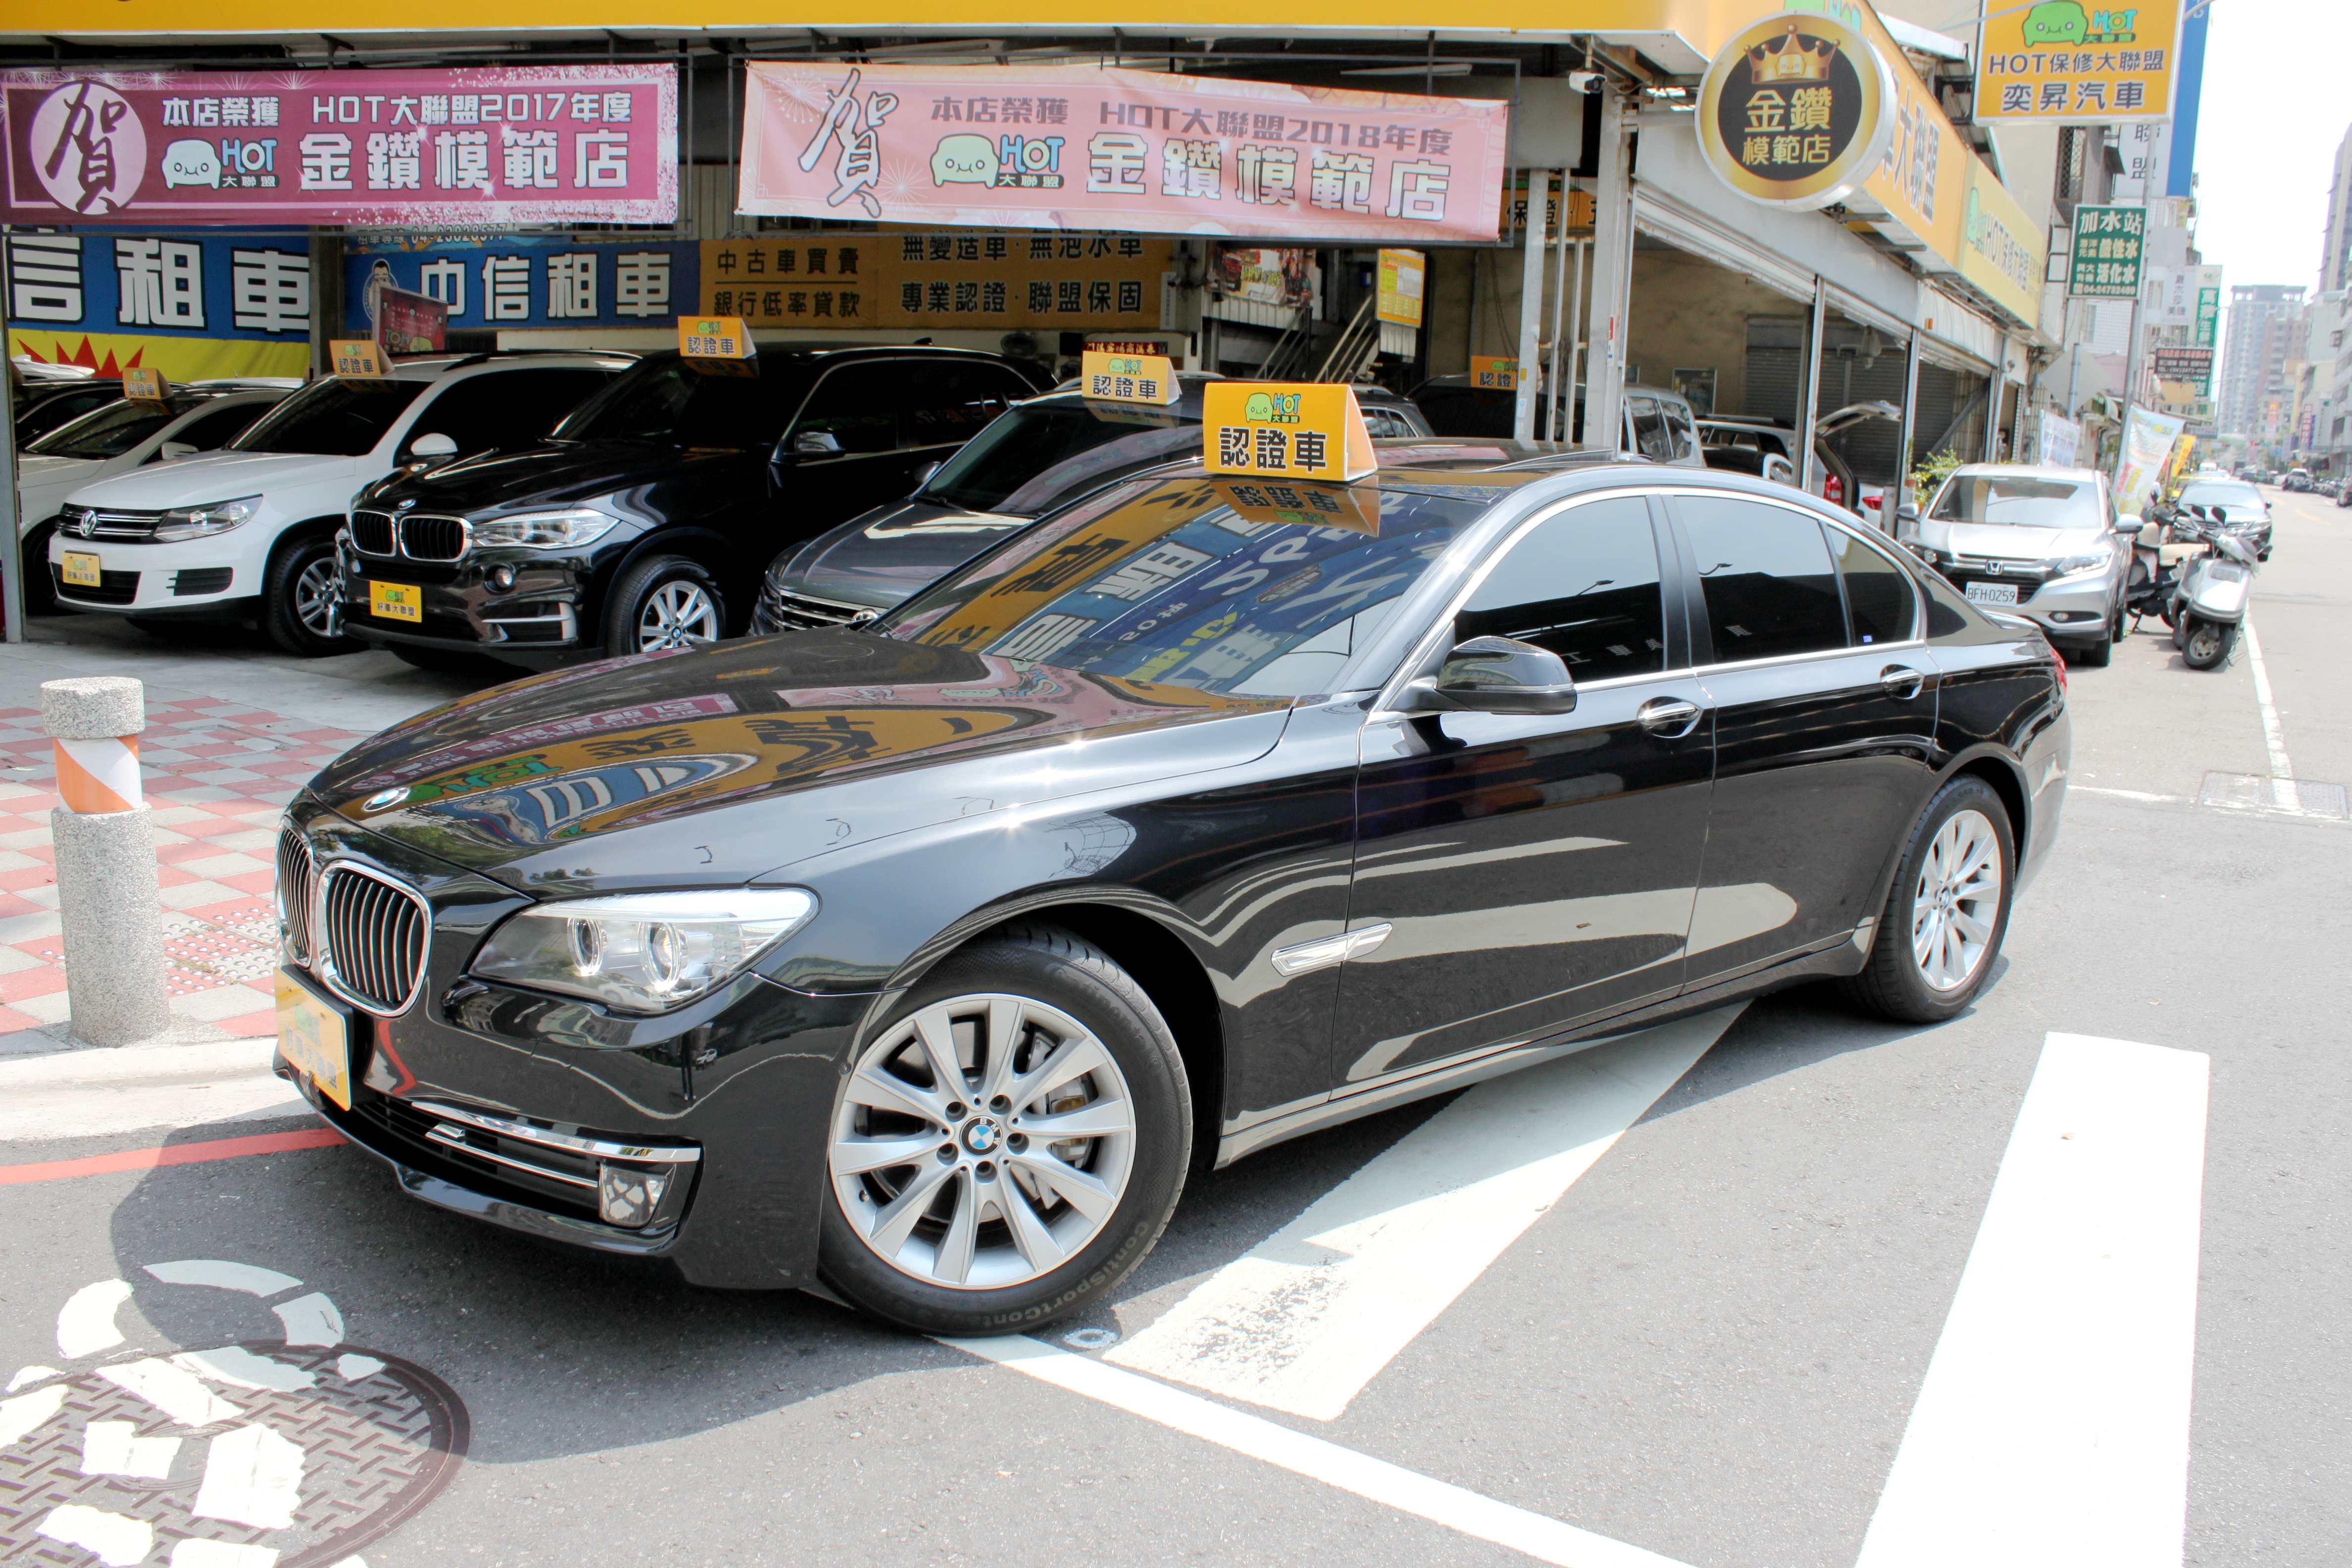 2014 BMW 寶馬 7-series